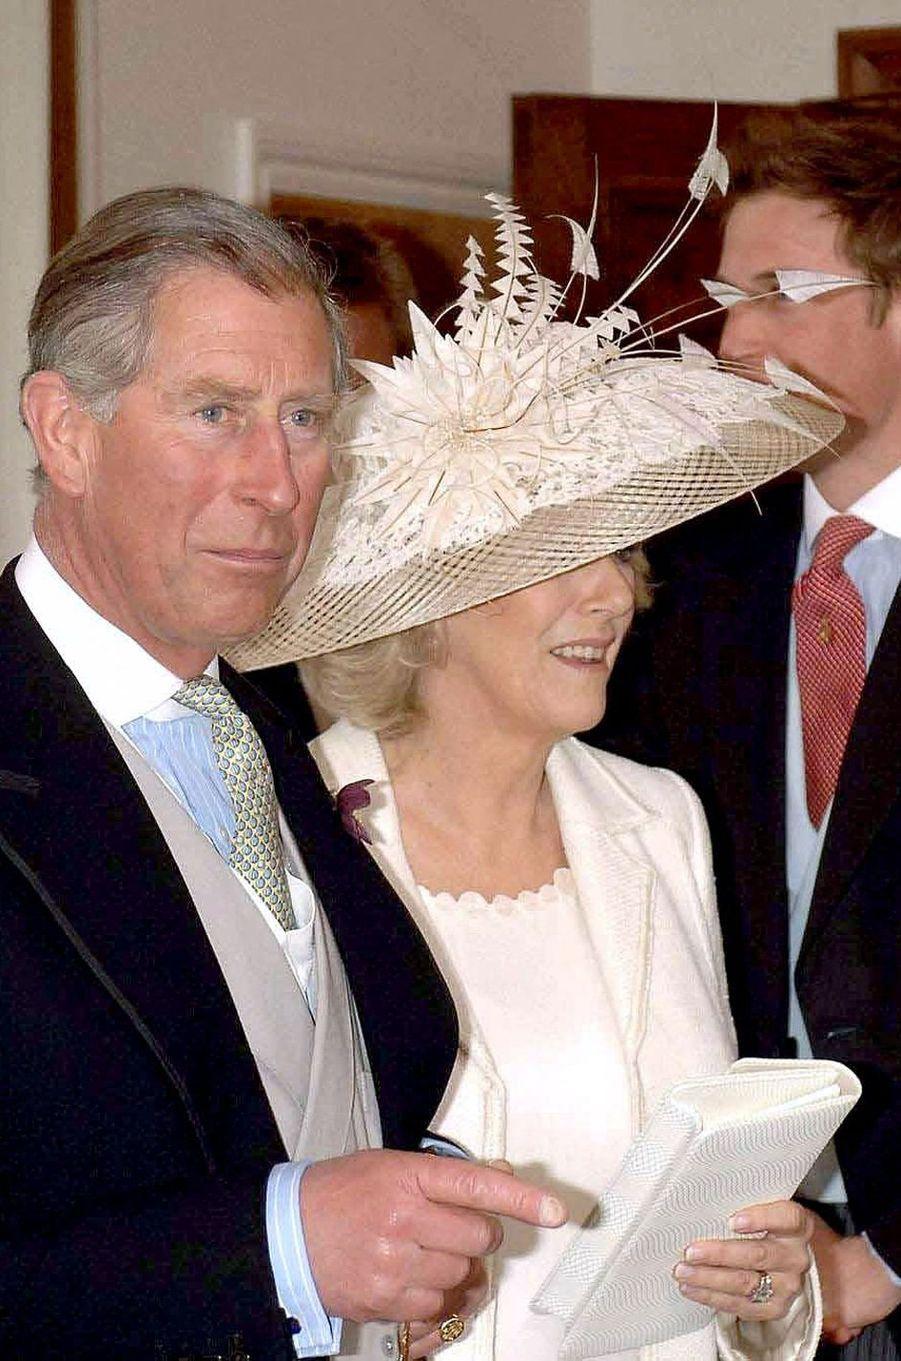 Le chapeau de Camilla Parker Bowles pour son mariage civil avec le prince Charles, le 9 avril 2005